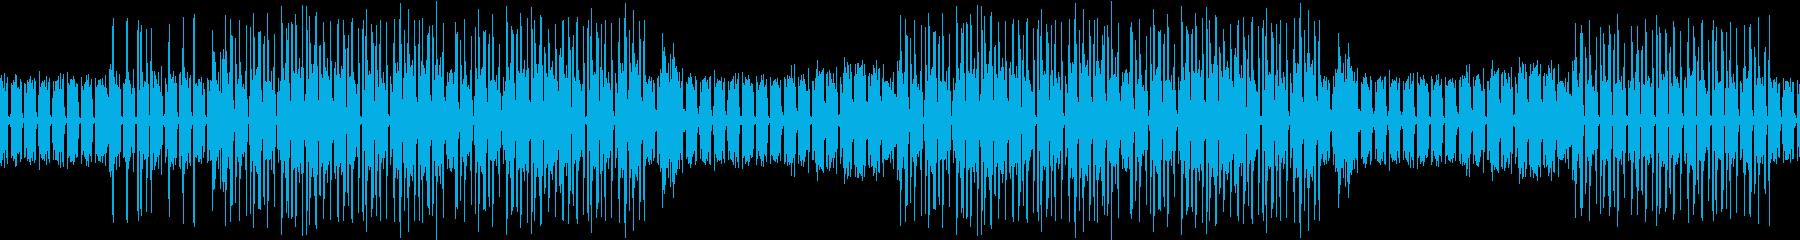 シティ・お洒落・ギター・ネオン・ループの再生済みの波形